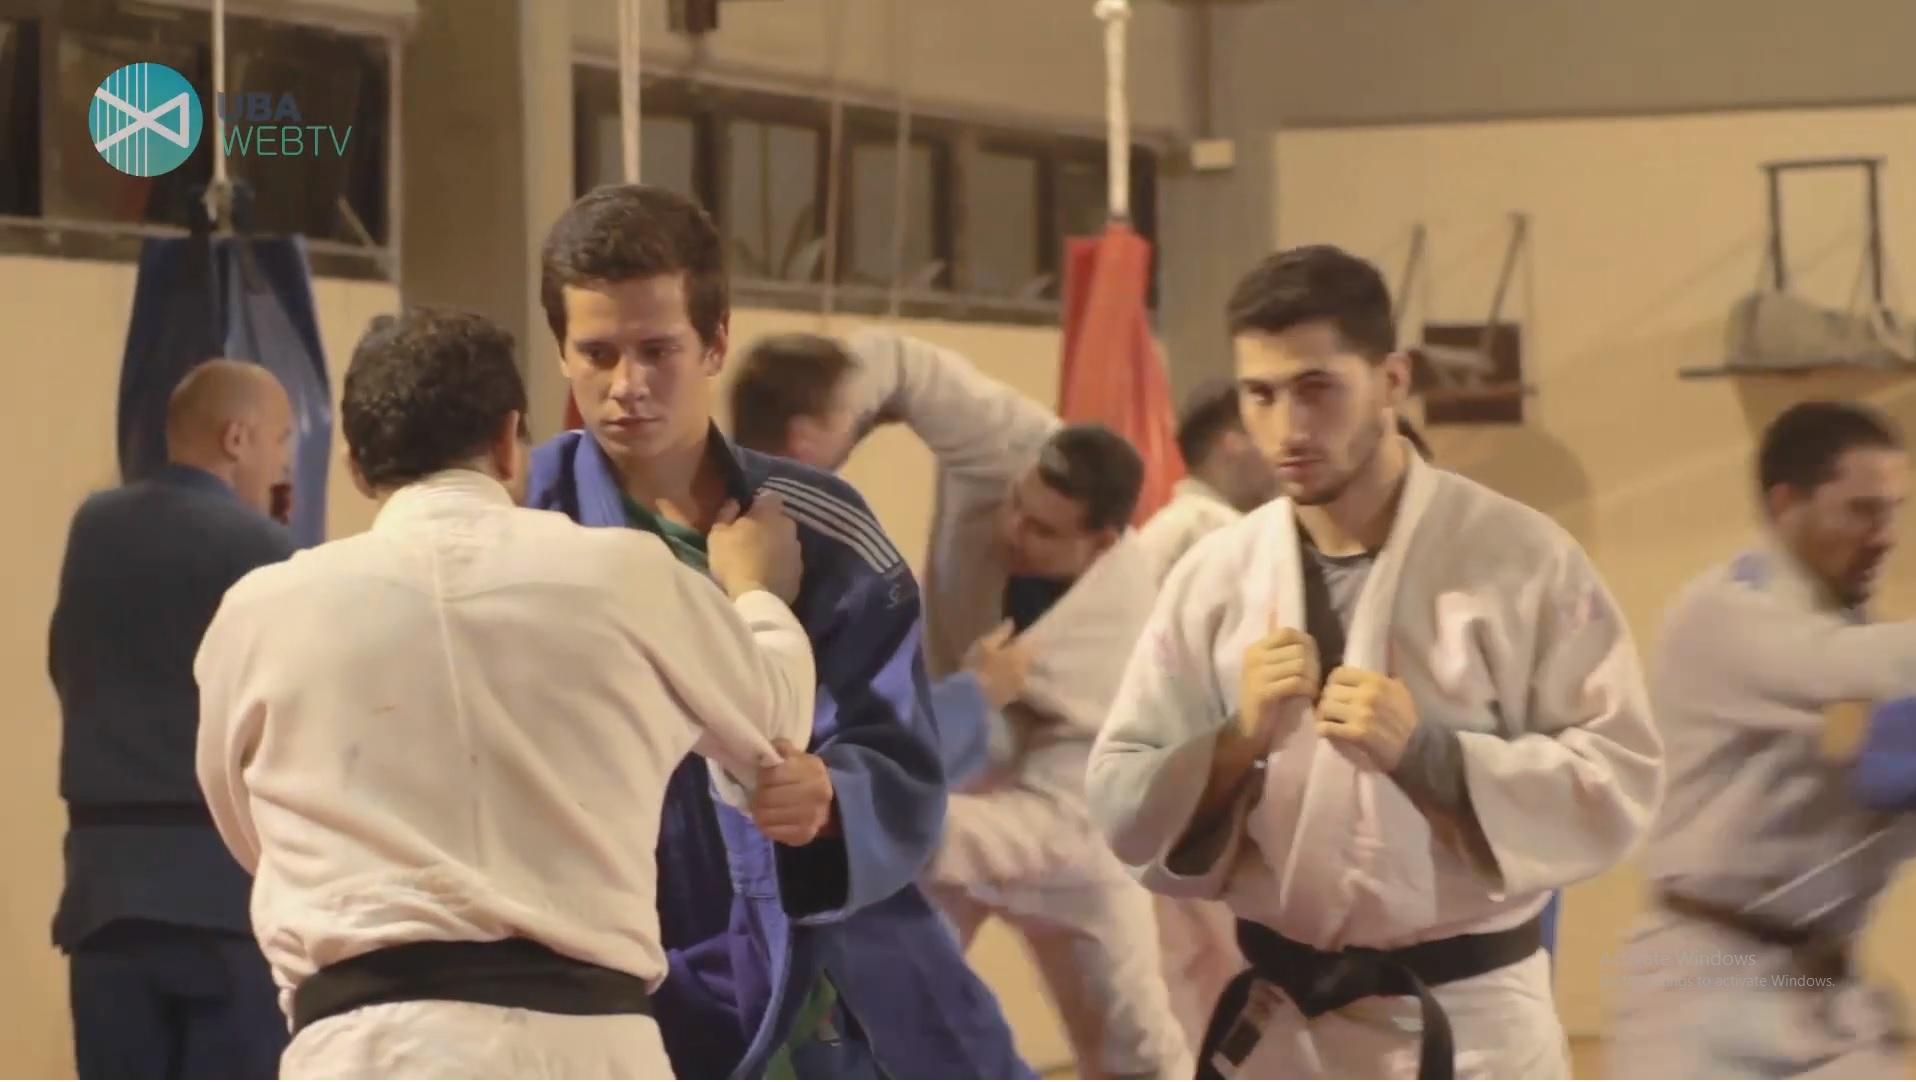 A DONDE JUEGUES TE SIGO: Judo